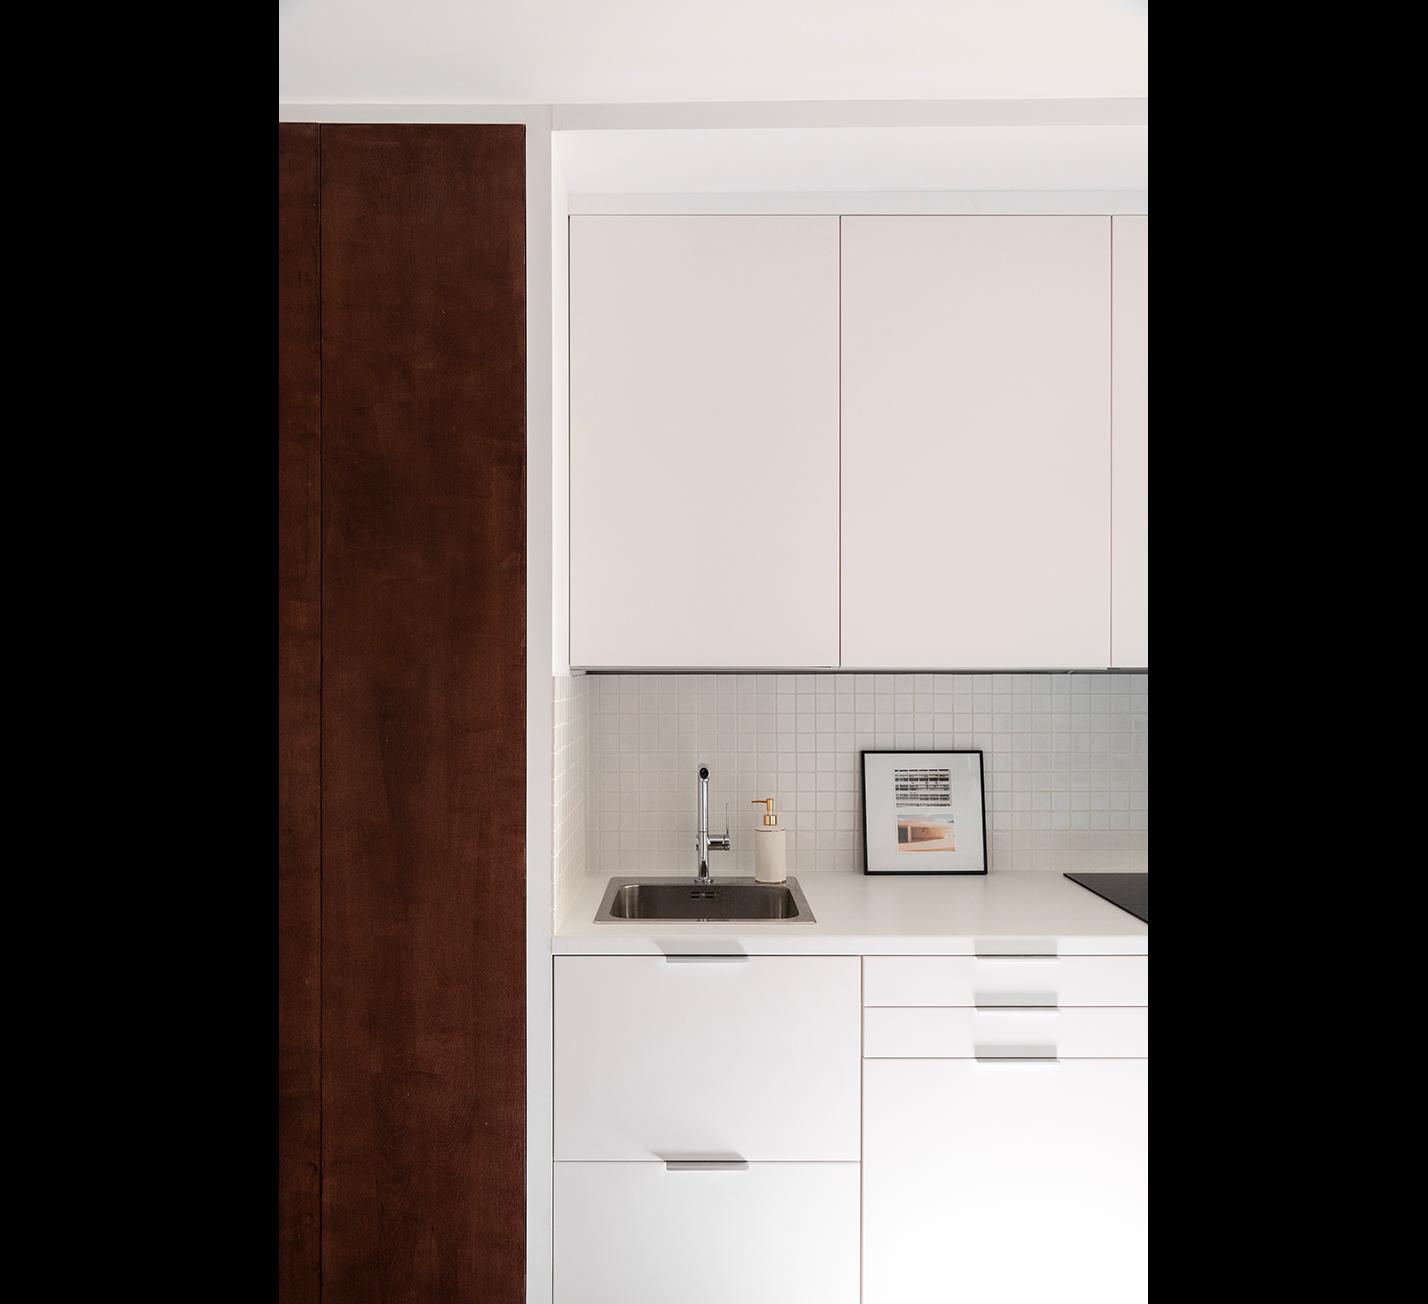 Appartement-Léon-paris-rénovation-architecture-paris-construction-atelier-steve-pauline-borgia-10